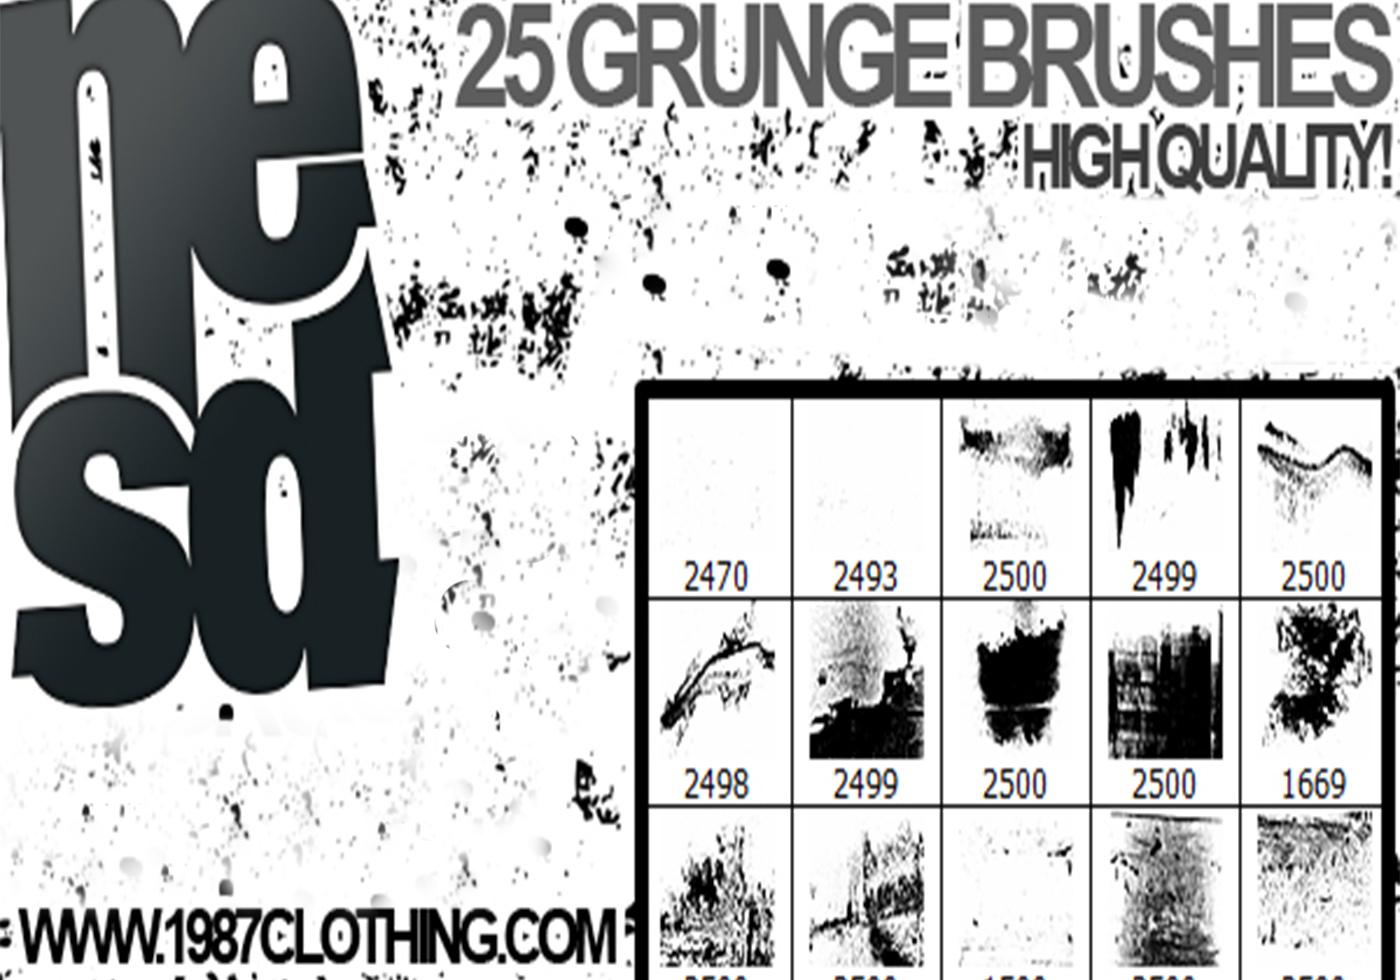 Grunge Brushes Free Photoshop Brushes At Brusheezy